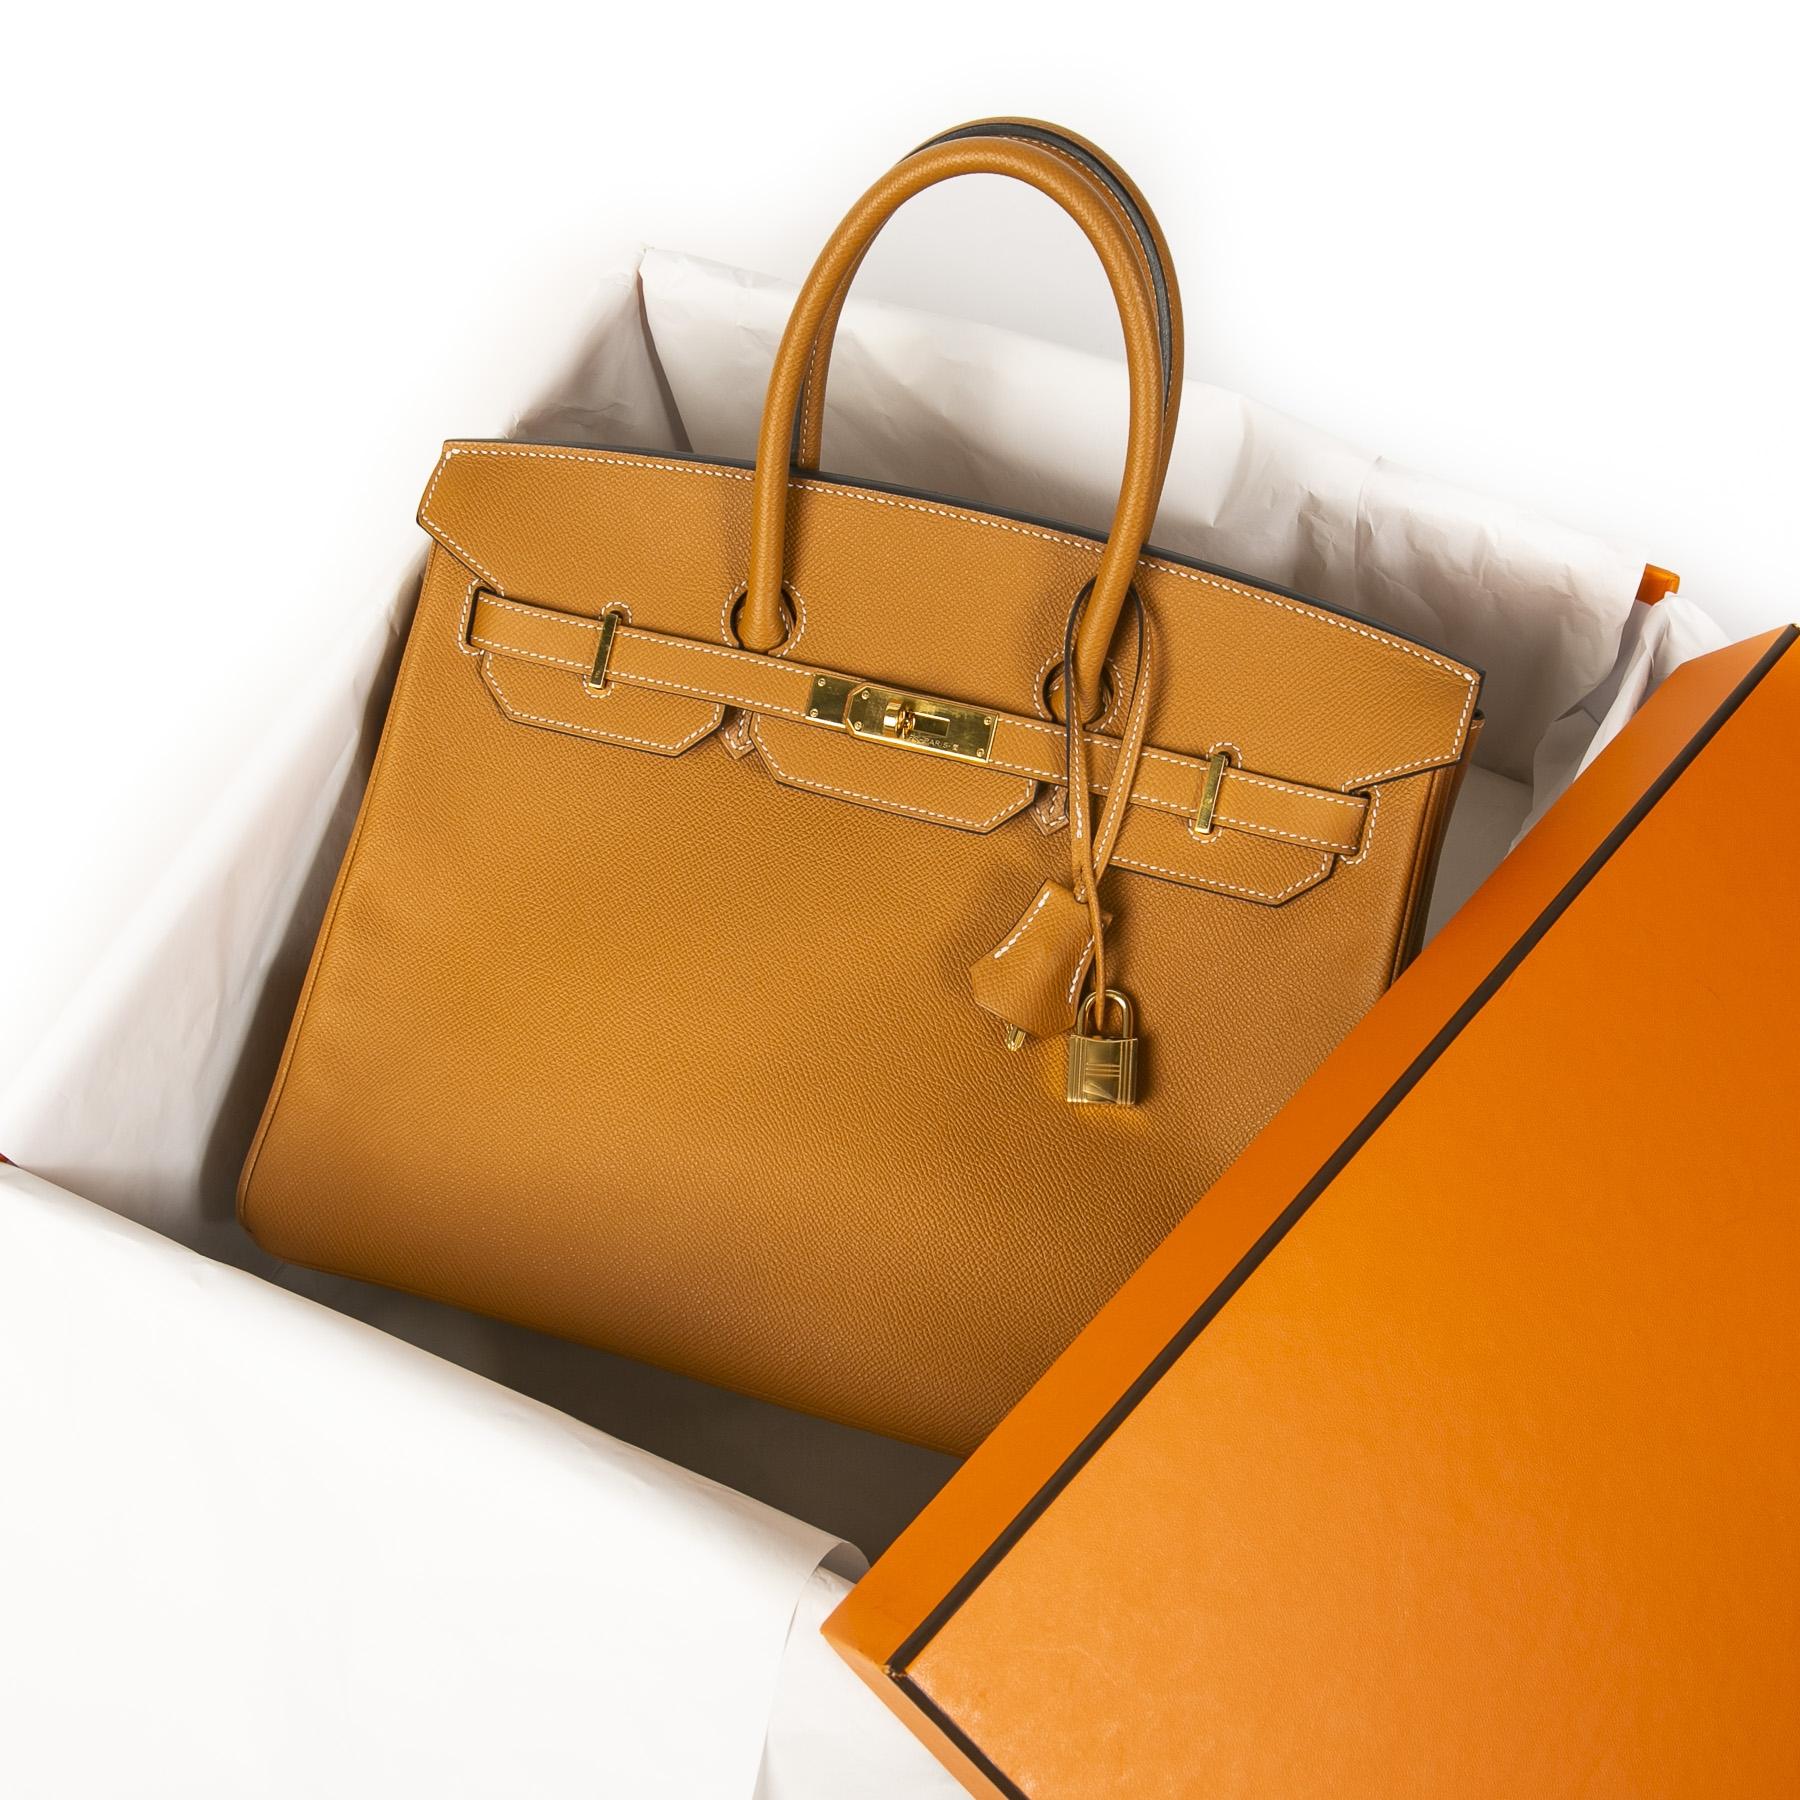 Hermès Birkin 35 Gold Epsom GHW kopen en verkopen aan de beste prijs